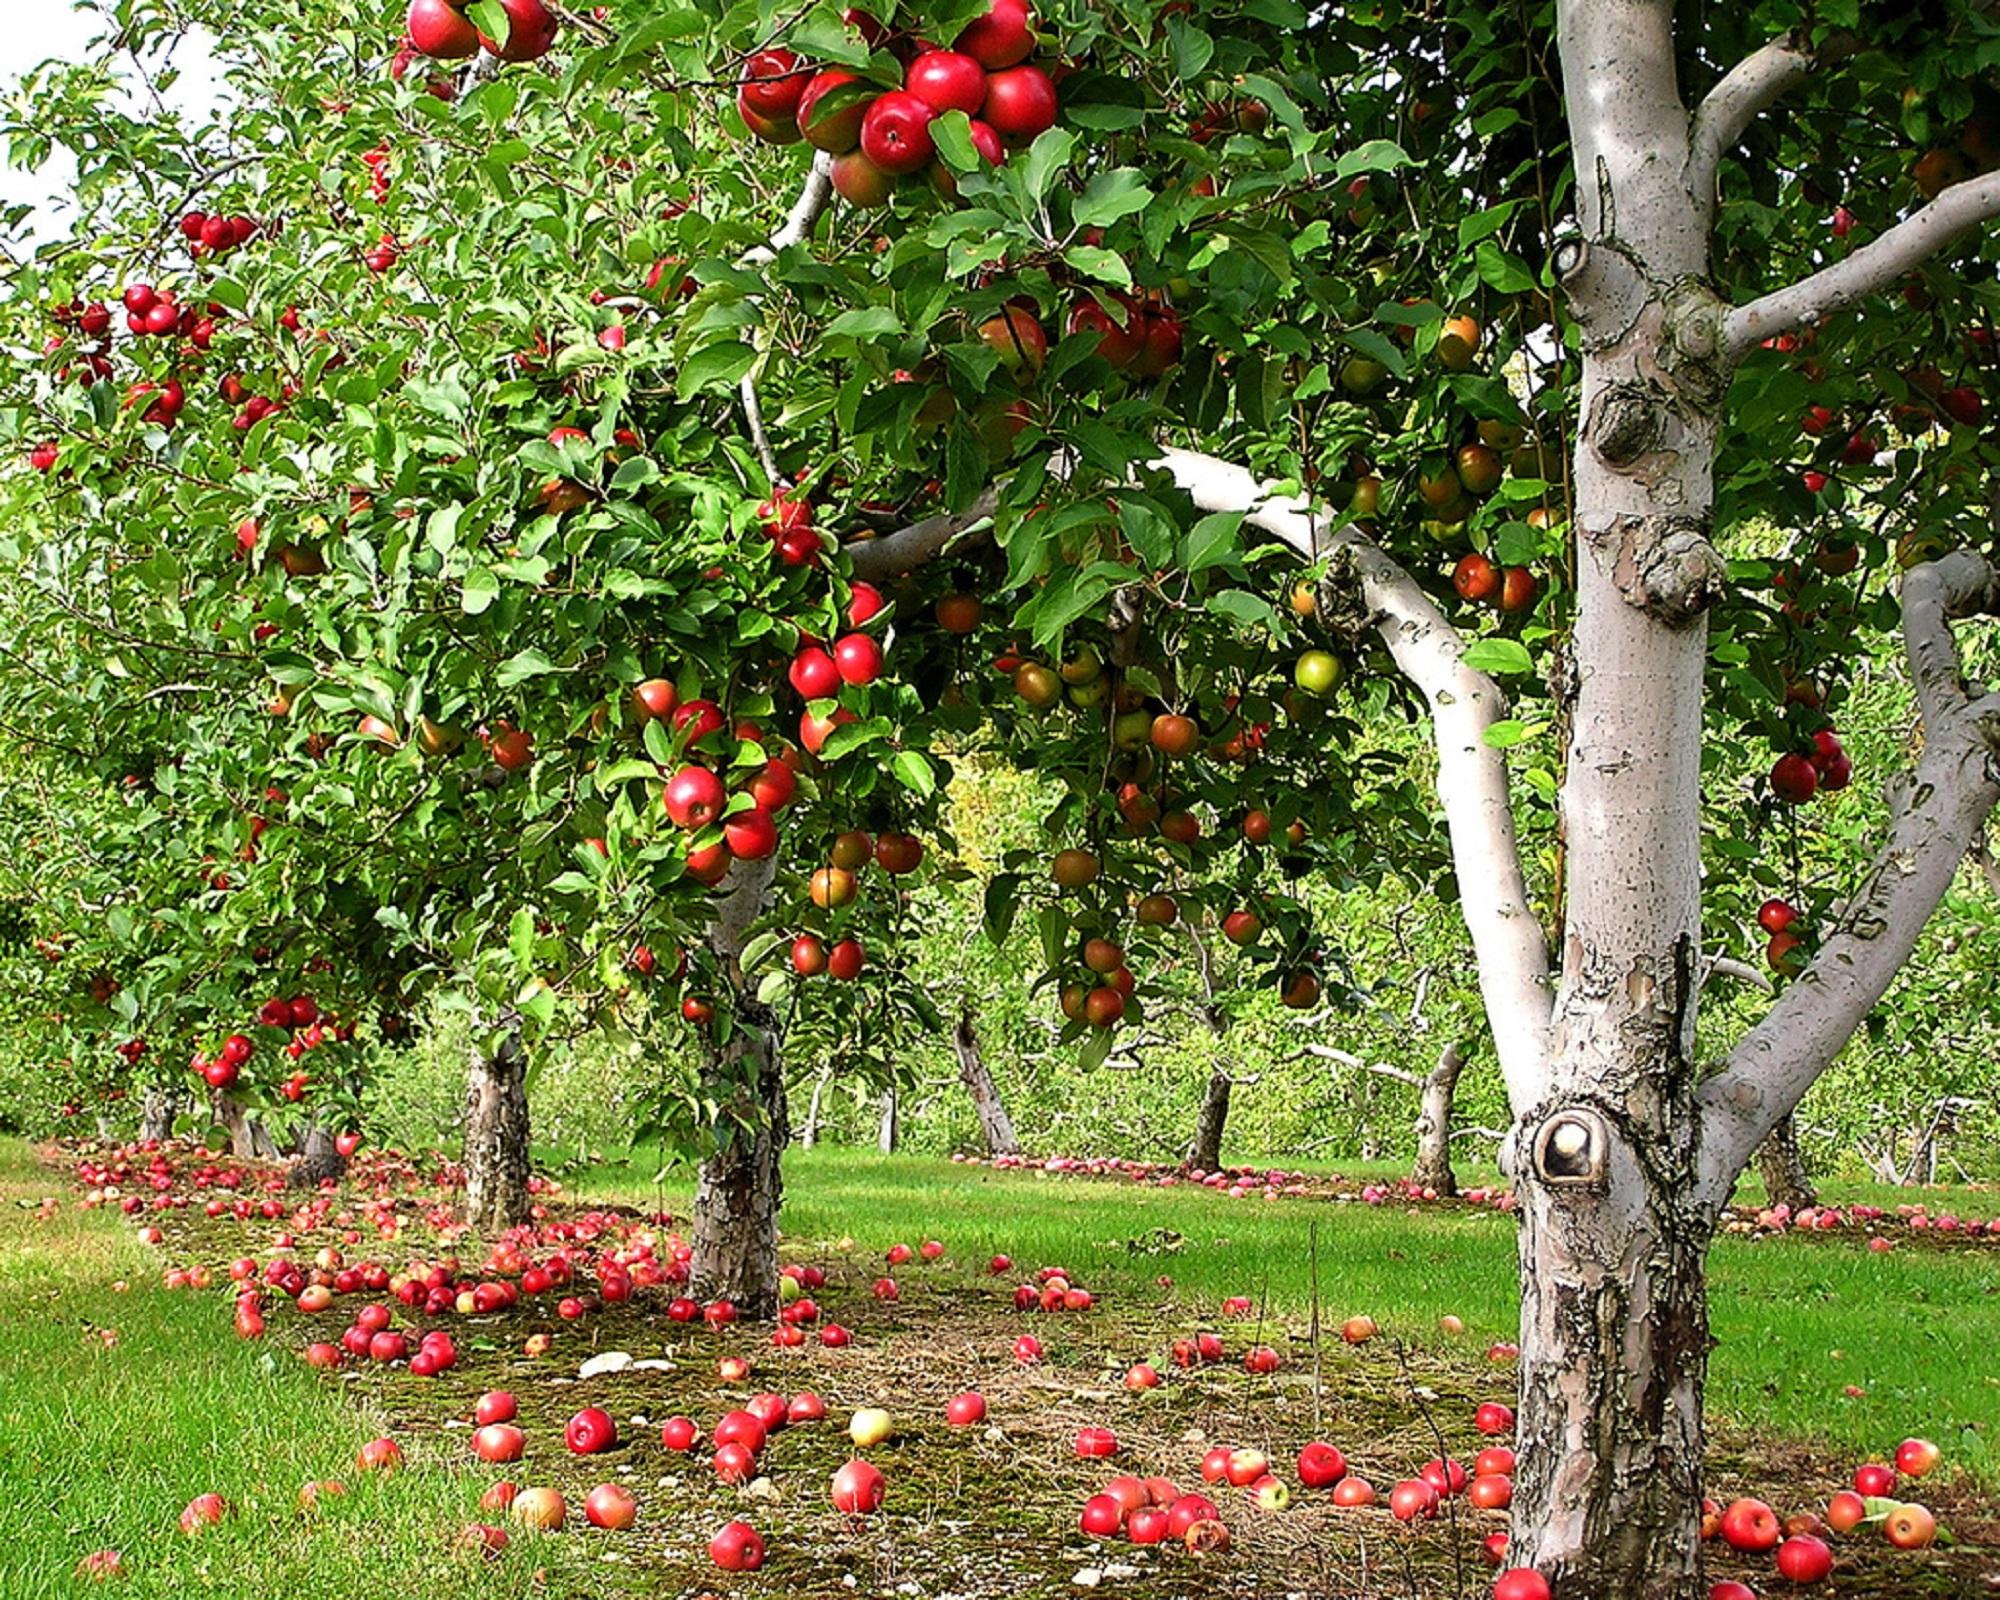 خاک مناسب درخت سیب